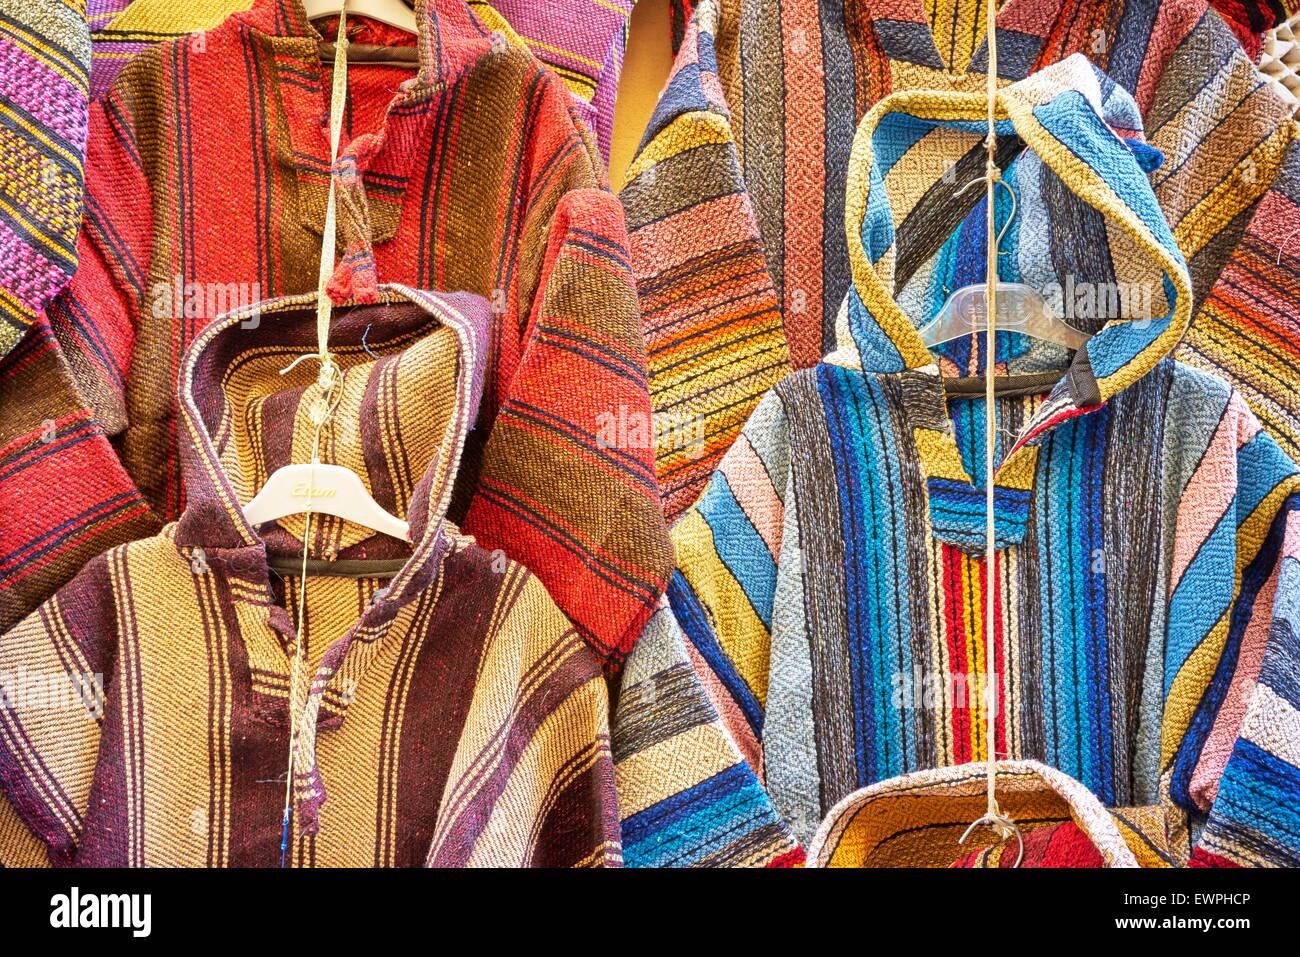 Negozio di abbigliamento. La lana djellabas, Berber Marocchino tradizionale abito. Il Marocco Foto Stock